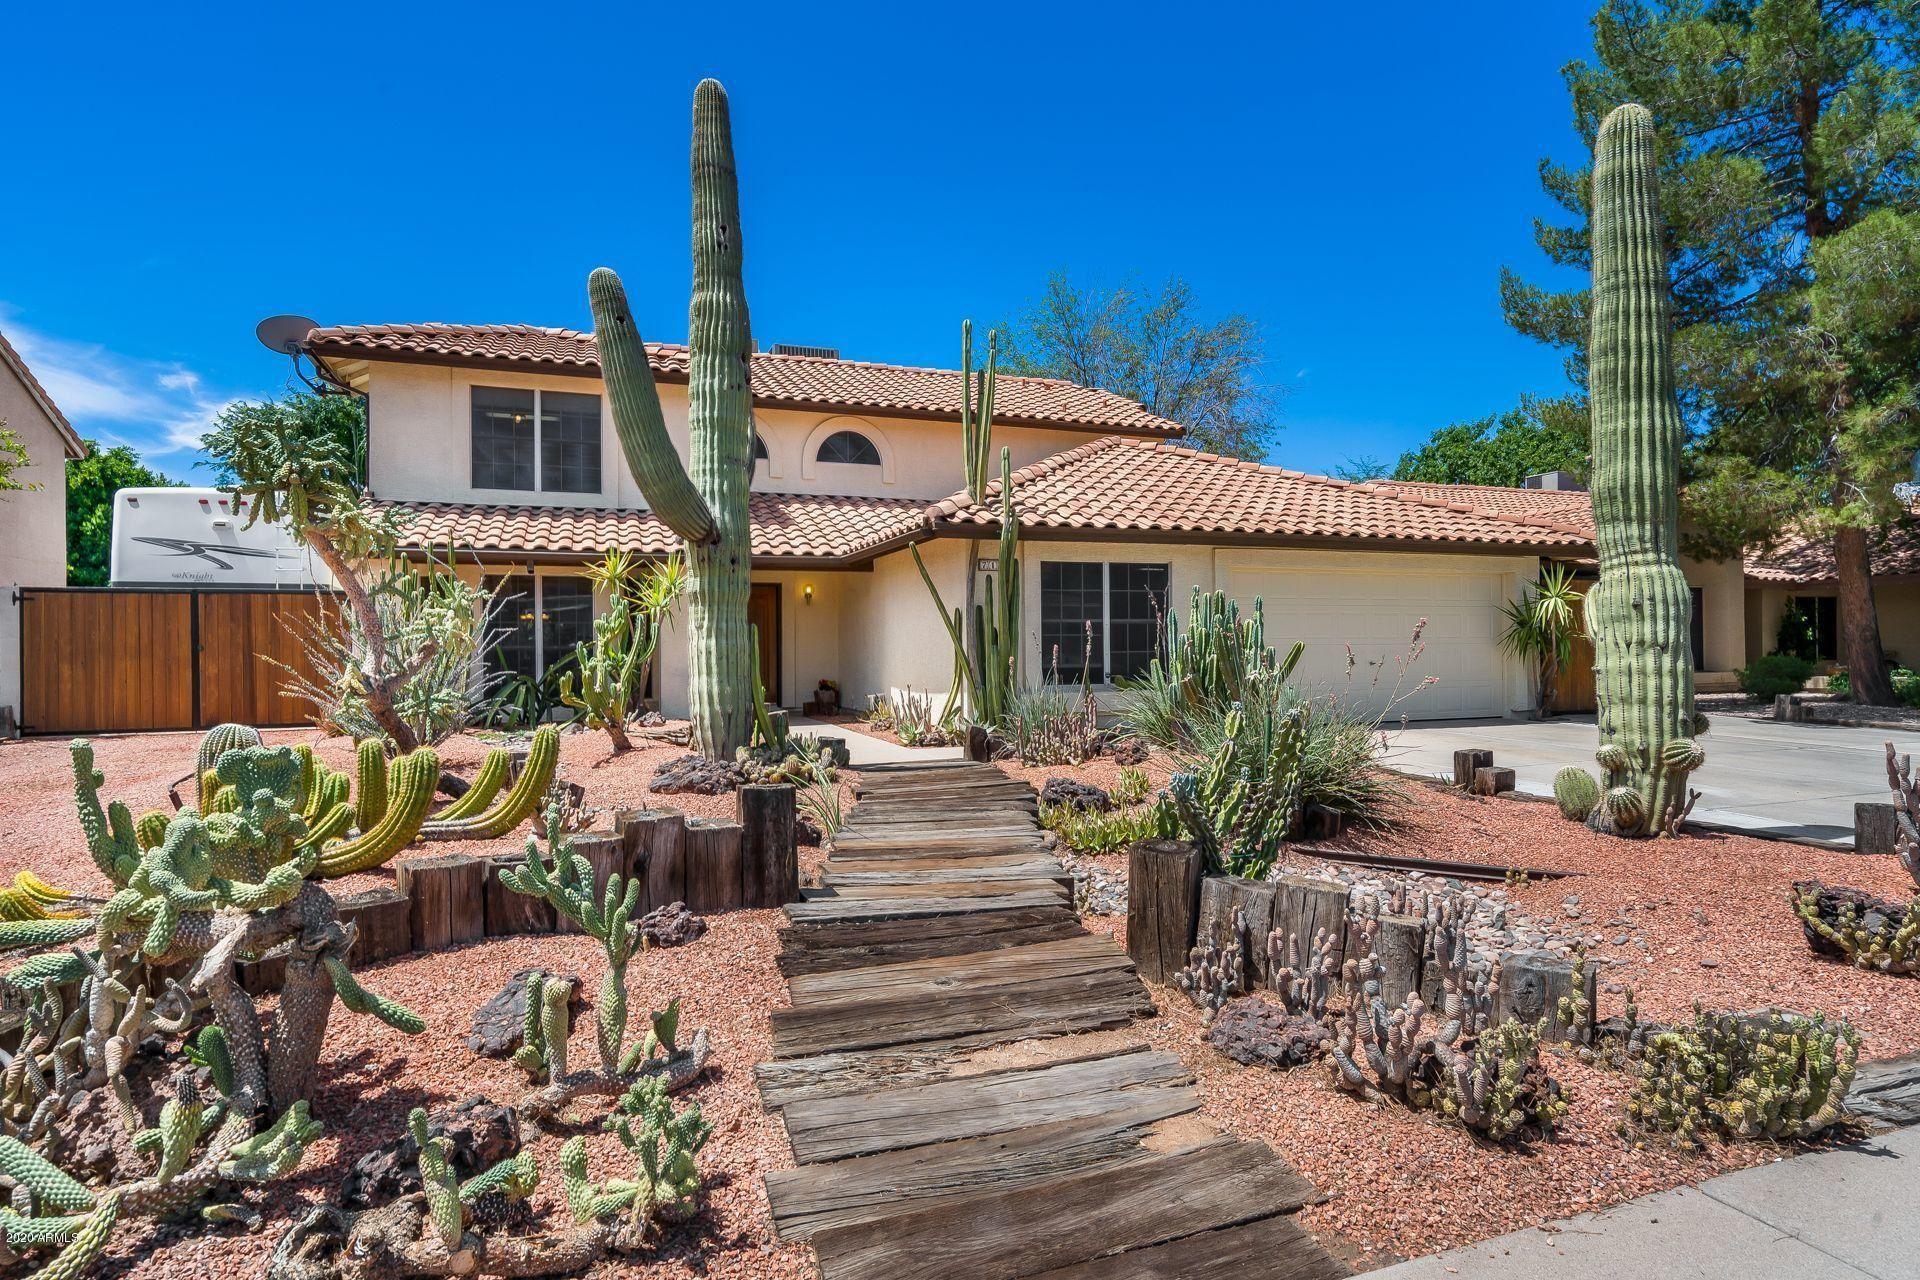 7145 W CORRINE Drive, Peoria, AZ 85381 - #: 6096534